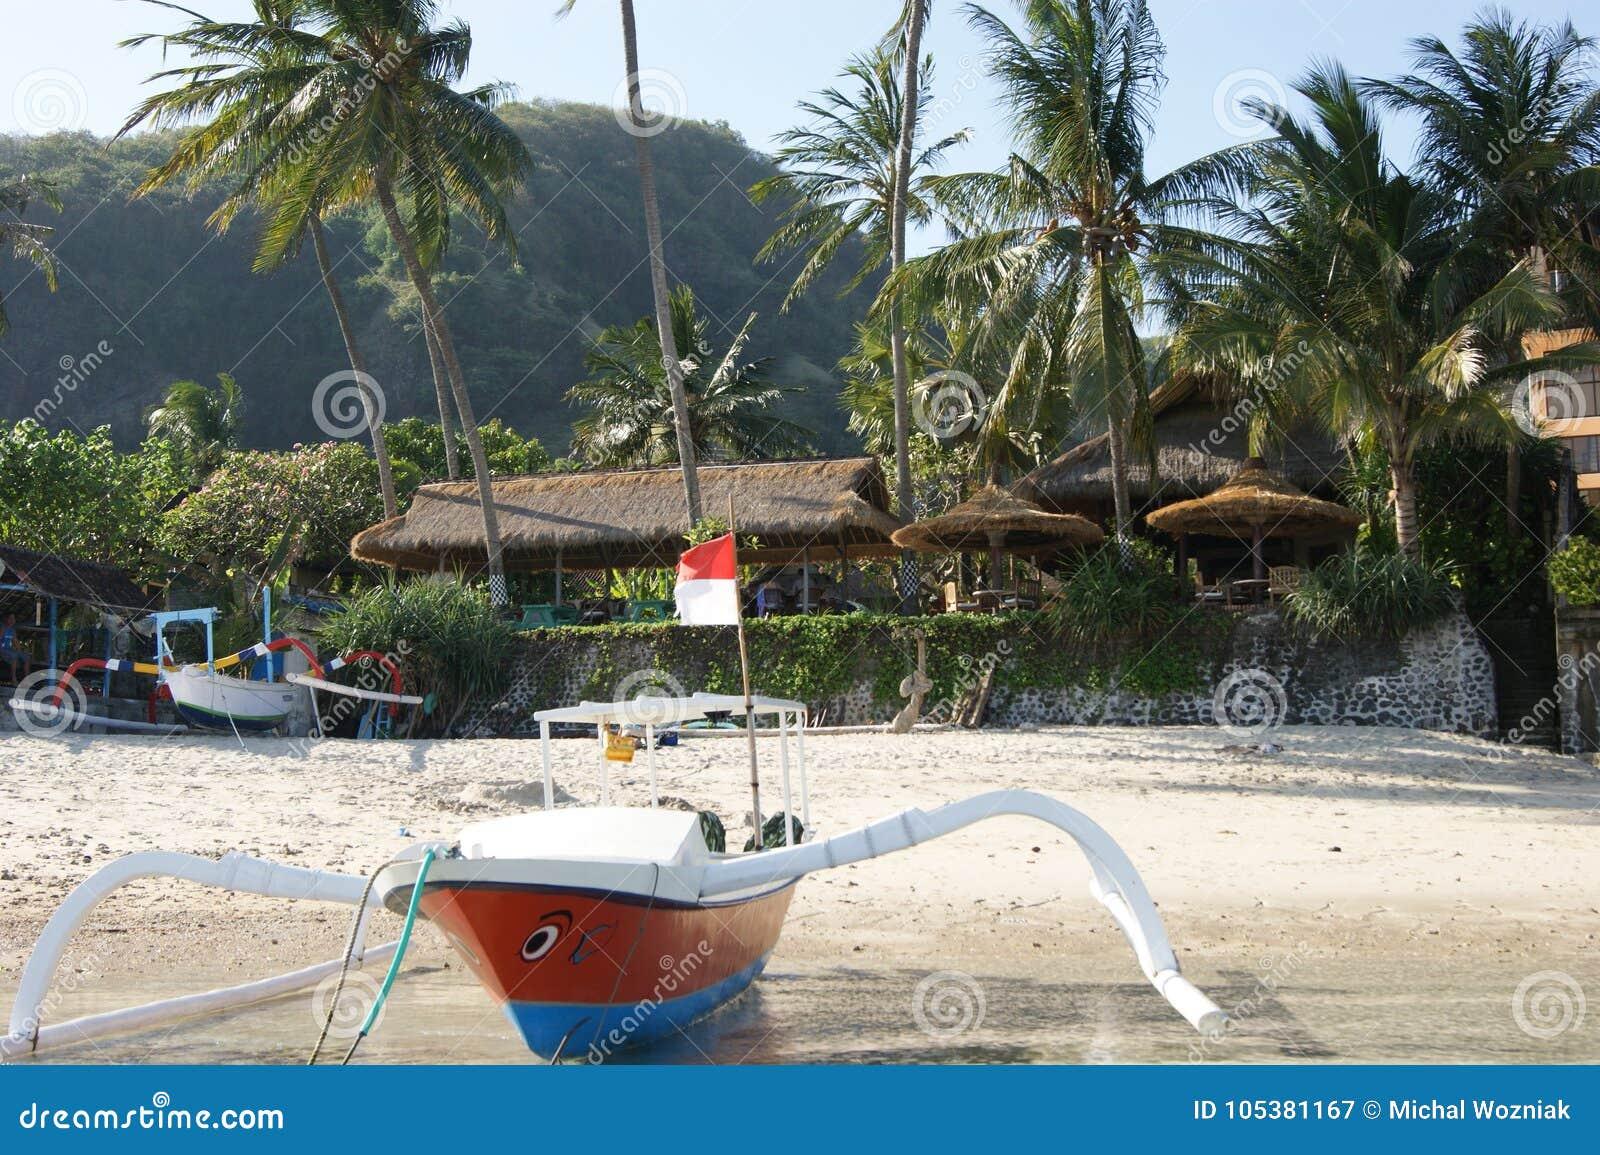 Fishing Trimaran in Bali, Indonesia